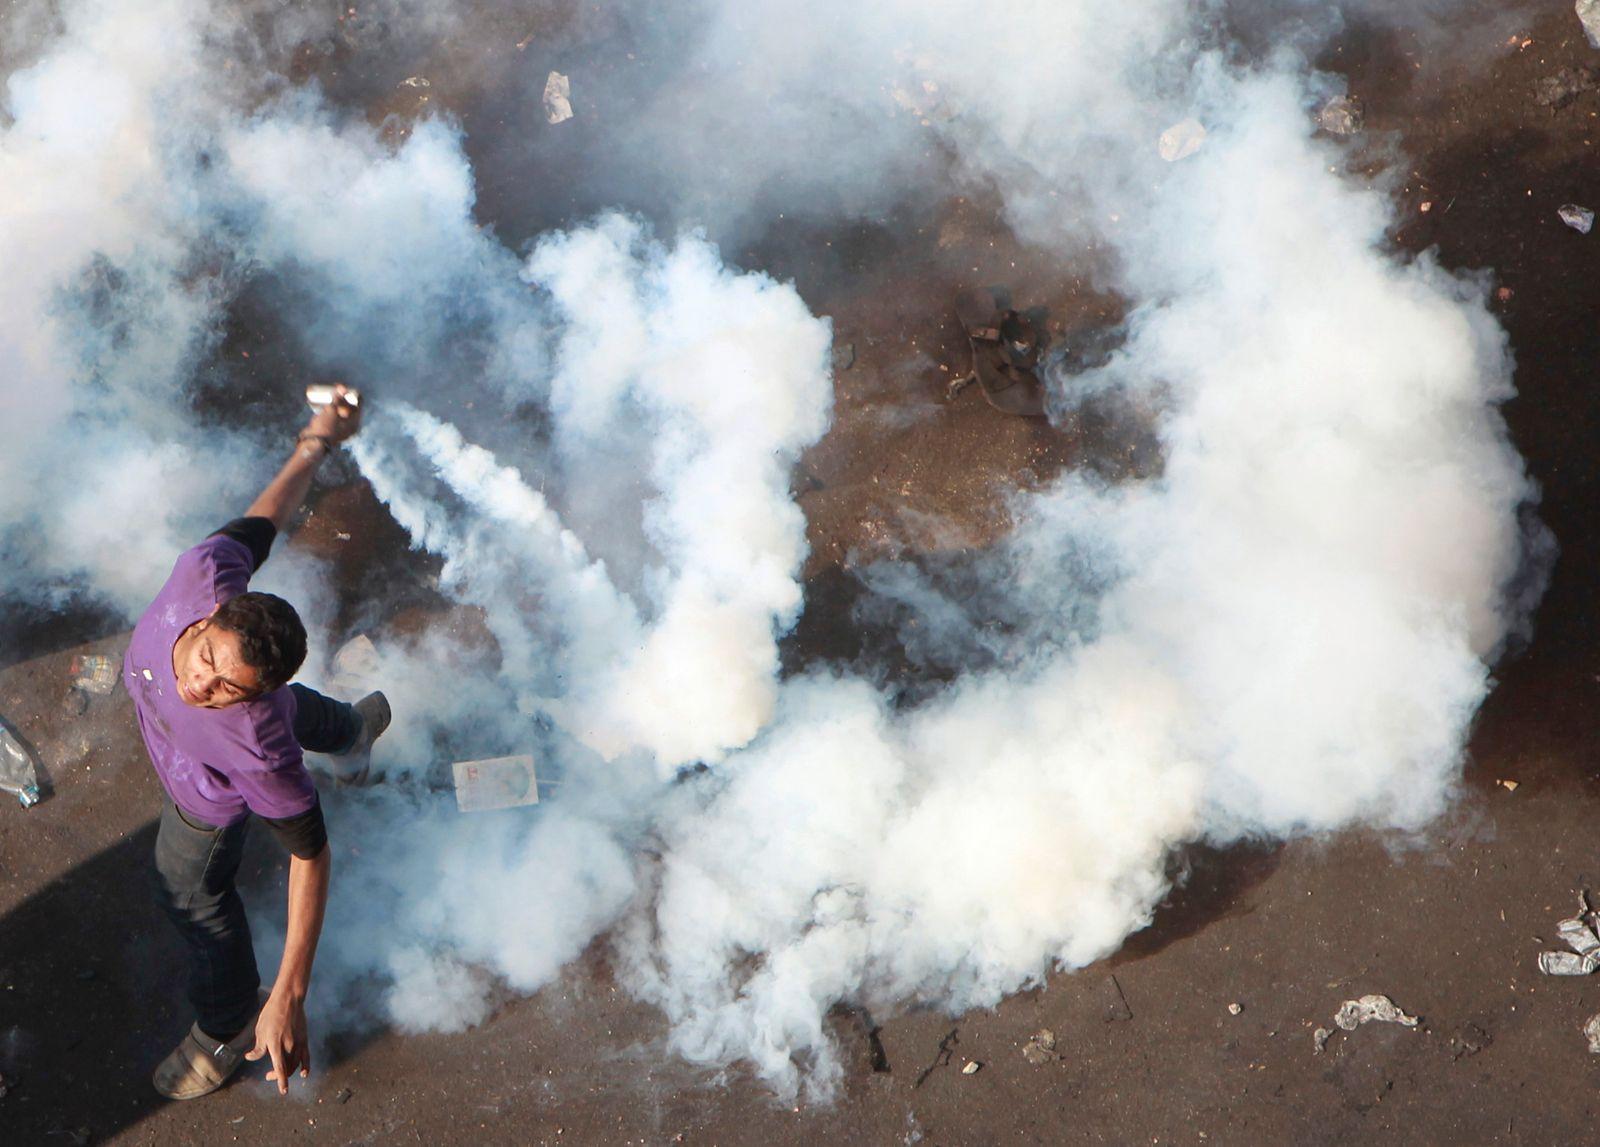 Ägypten / Proteste 21.11.11